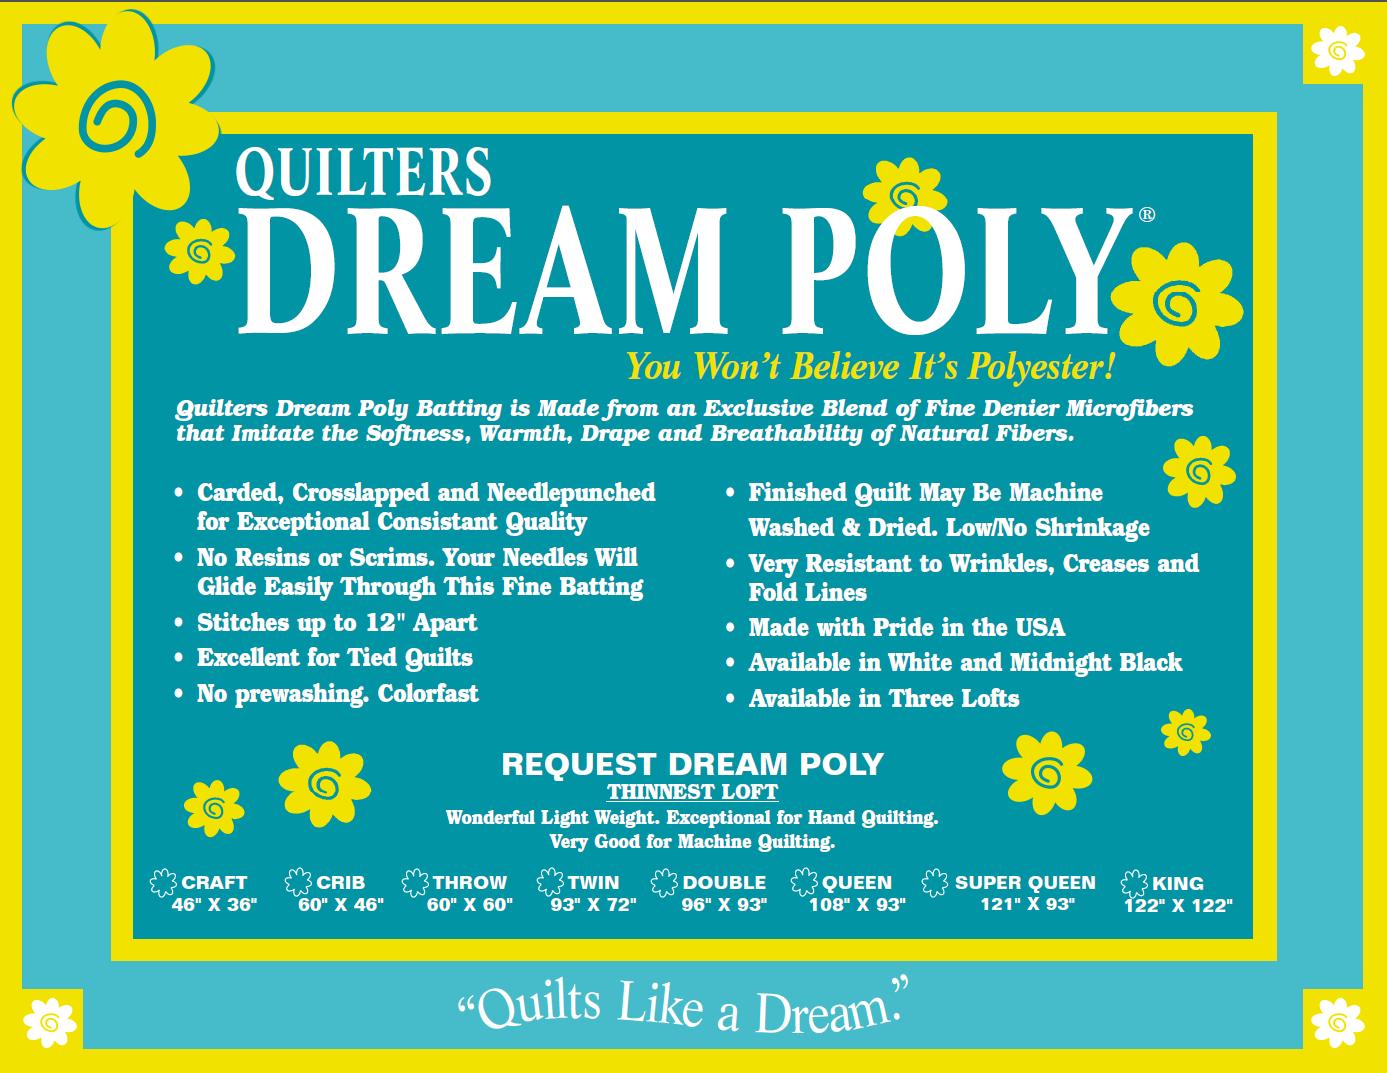 এখন থেকে Dream Ploy দিয়ে প্রতিদিন ৫-৬ ডলার ইনকাম করুন খুব সহজে